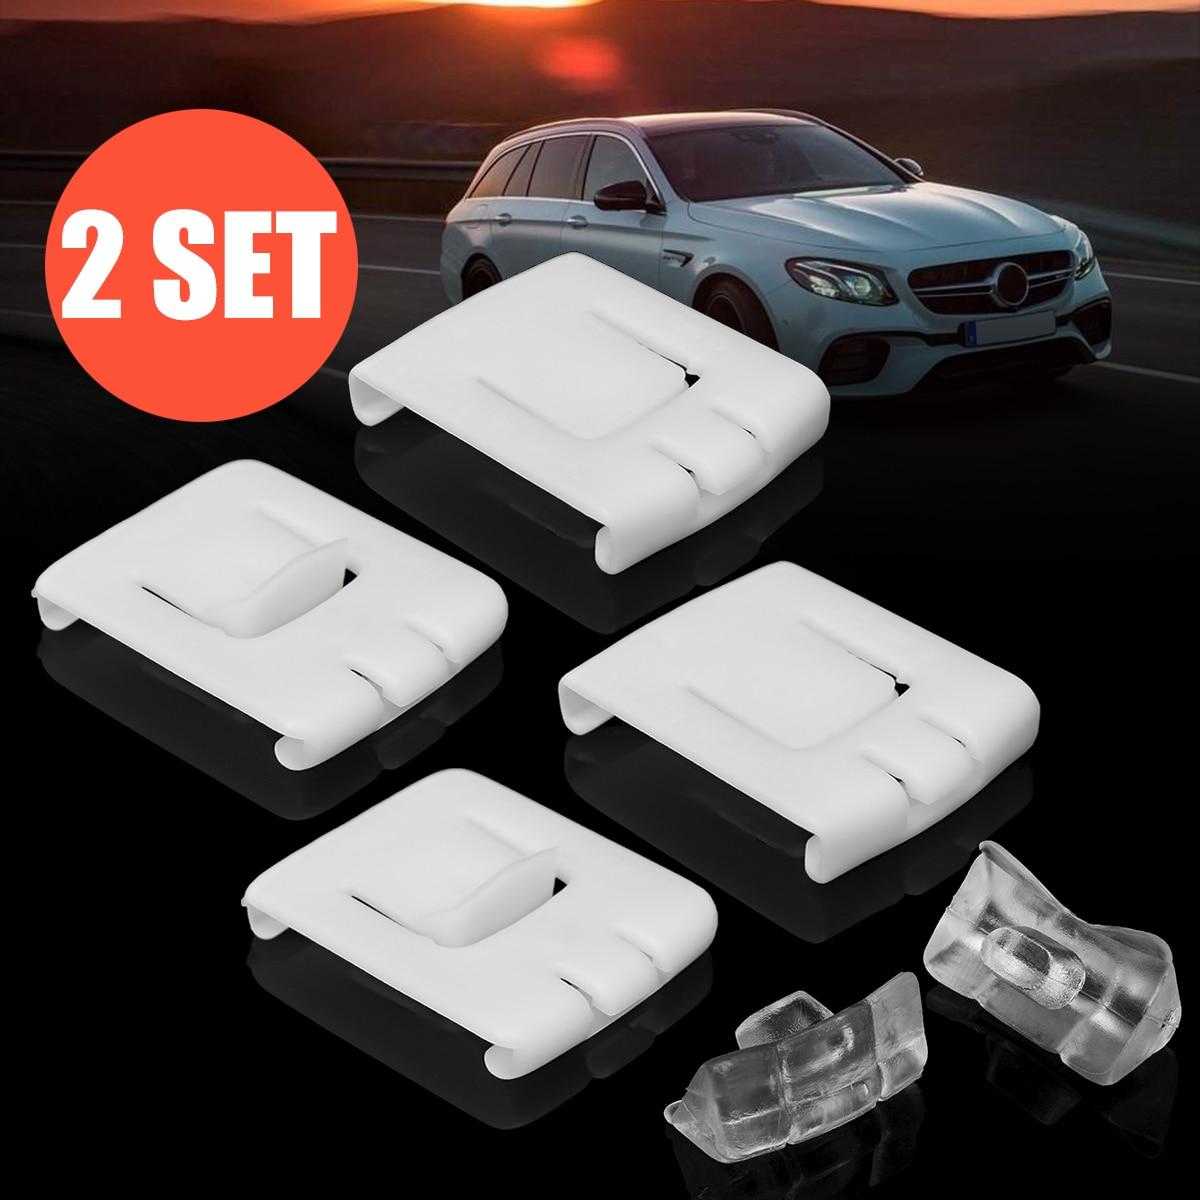 2 juegos de 6 piezas siut hebilla de asiento Clip guía corredor 435881203A C10 para VW GOLF MK1 MK2 MK3 CORRADO SCIROCCO plástico blanco